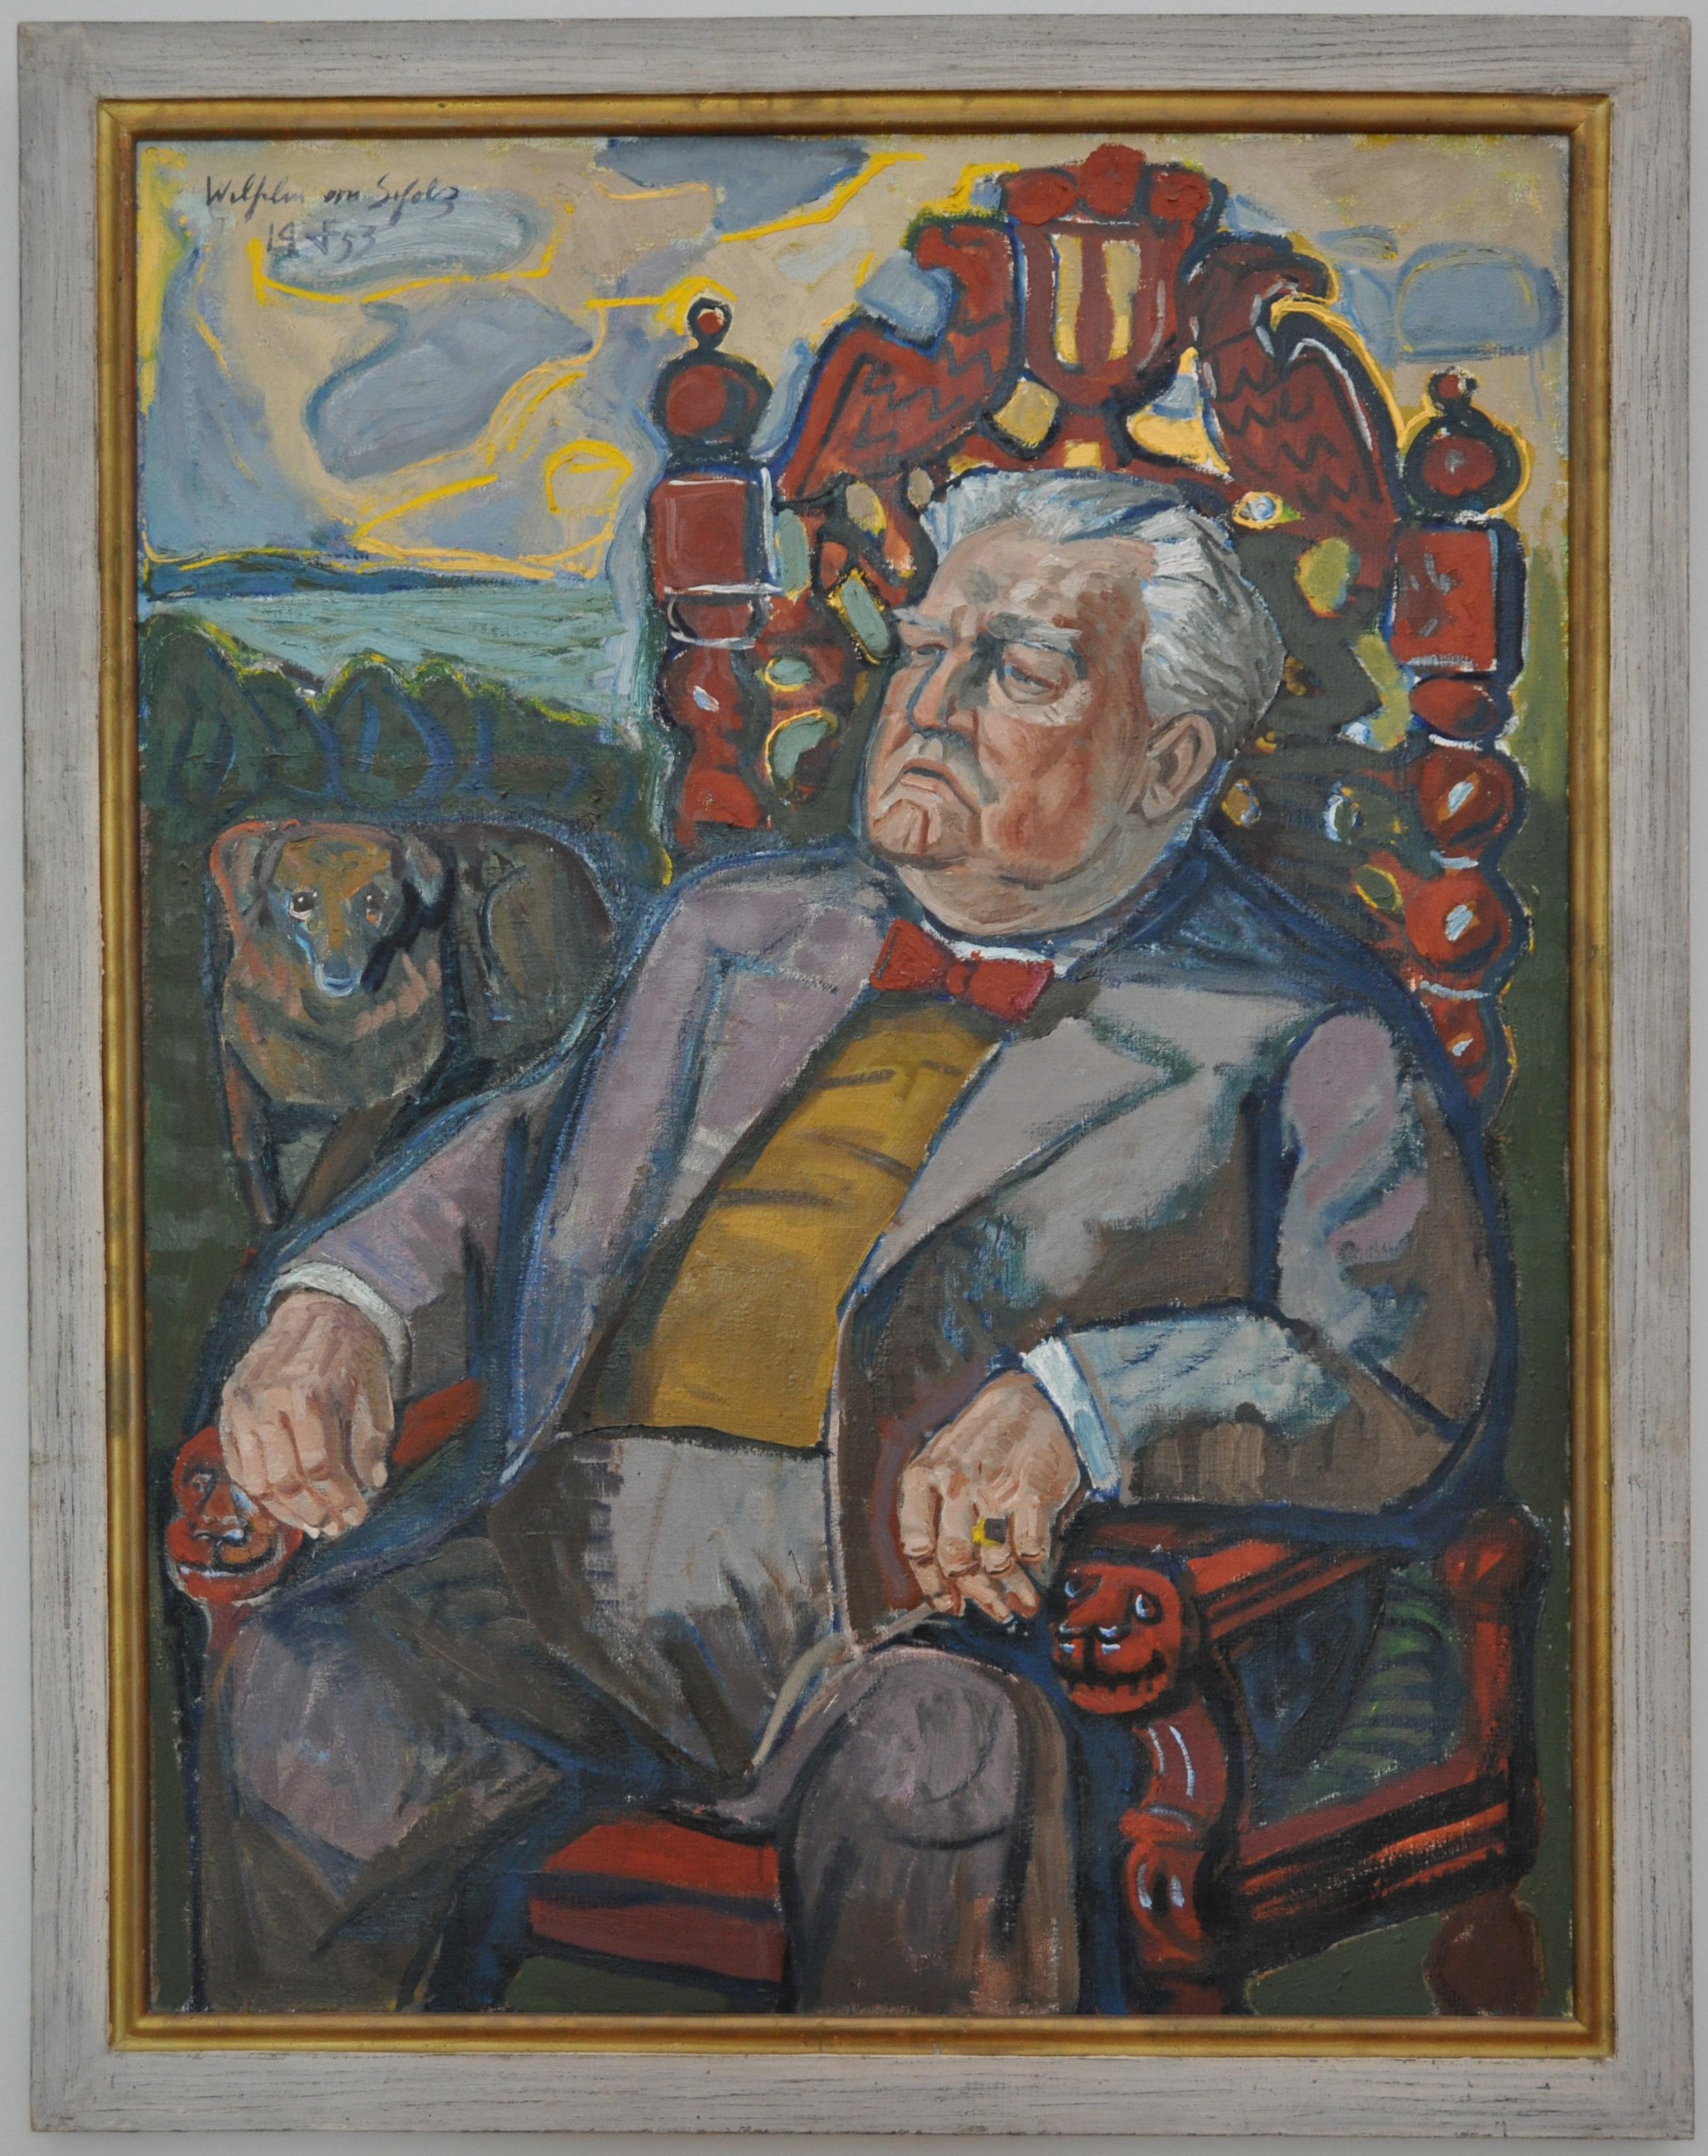 Otto Dix, Bildnis des Dichters Wilhelm von Scholz, 953, Öl auf Leinwand 122 x 92 cm) © VG Bild-Kunst, Bonn 2021